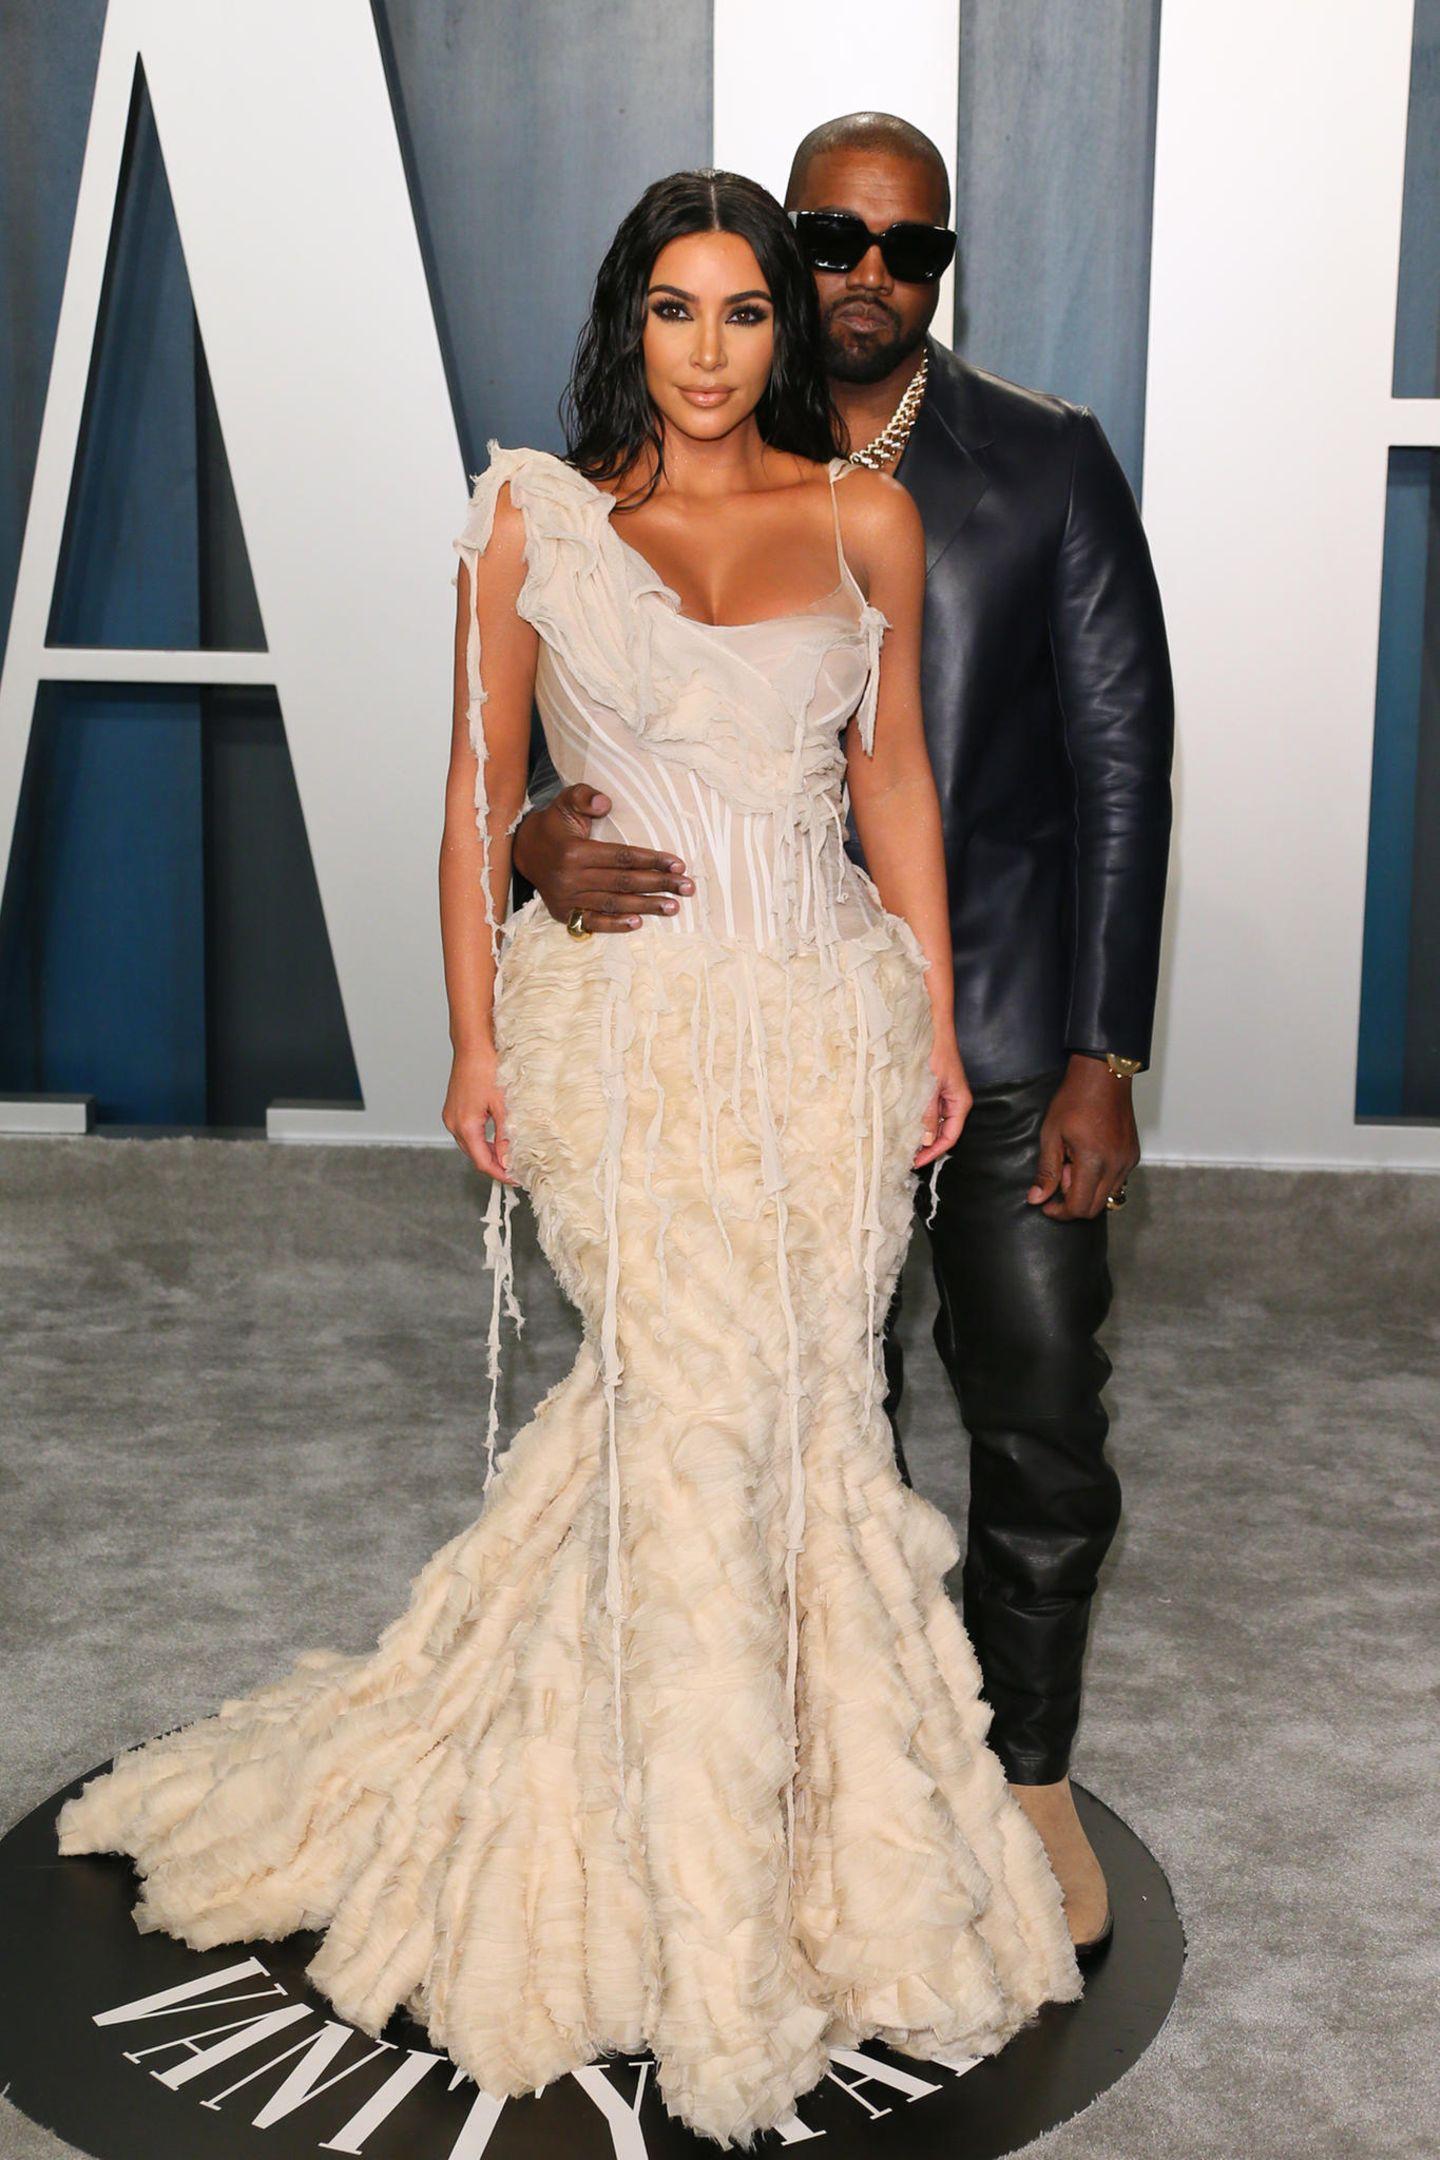 """Die """"Vanity Fair""""-Party gilt als eine der beliebtesten After-Feten nach der eigentlichen Oscar-Verleihung. Eine solch wichtige Sause können sich Kim Kardashian in einemtollen Alexander McQueen Kleid und Gatte Kanye West natürlich nicht entgehen lassen."""